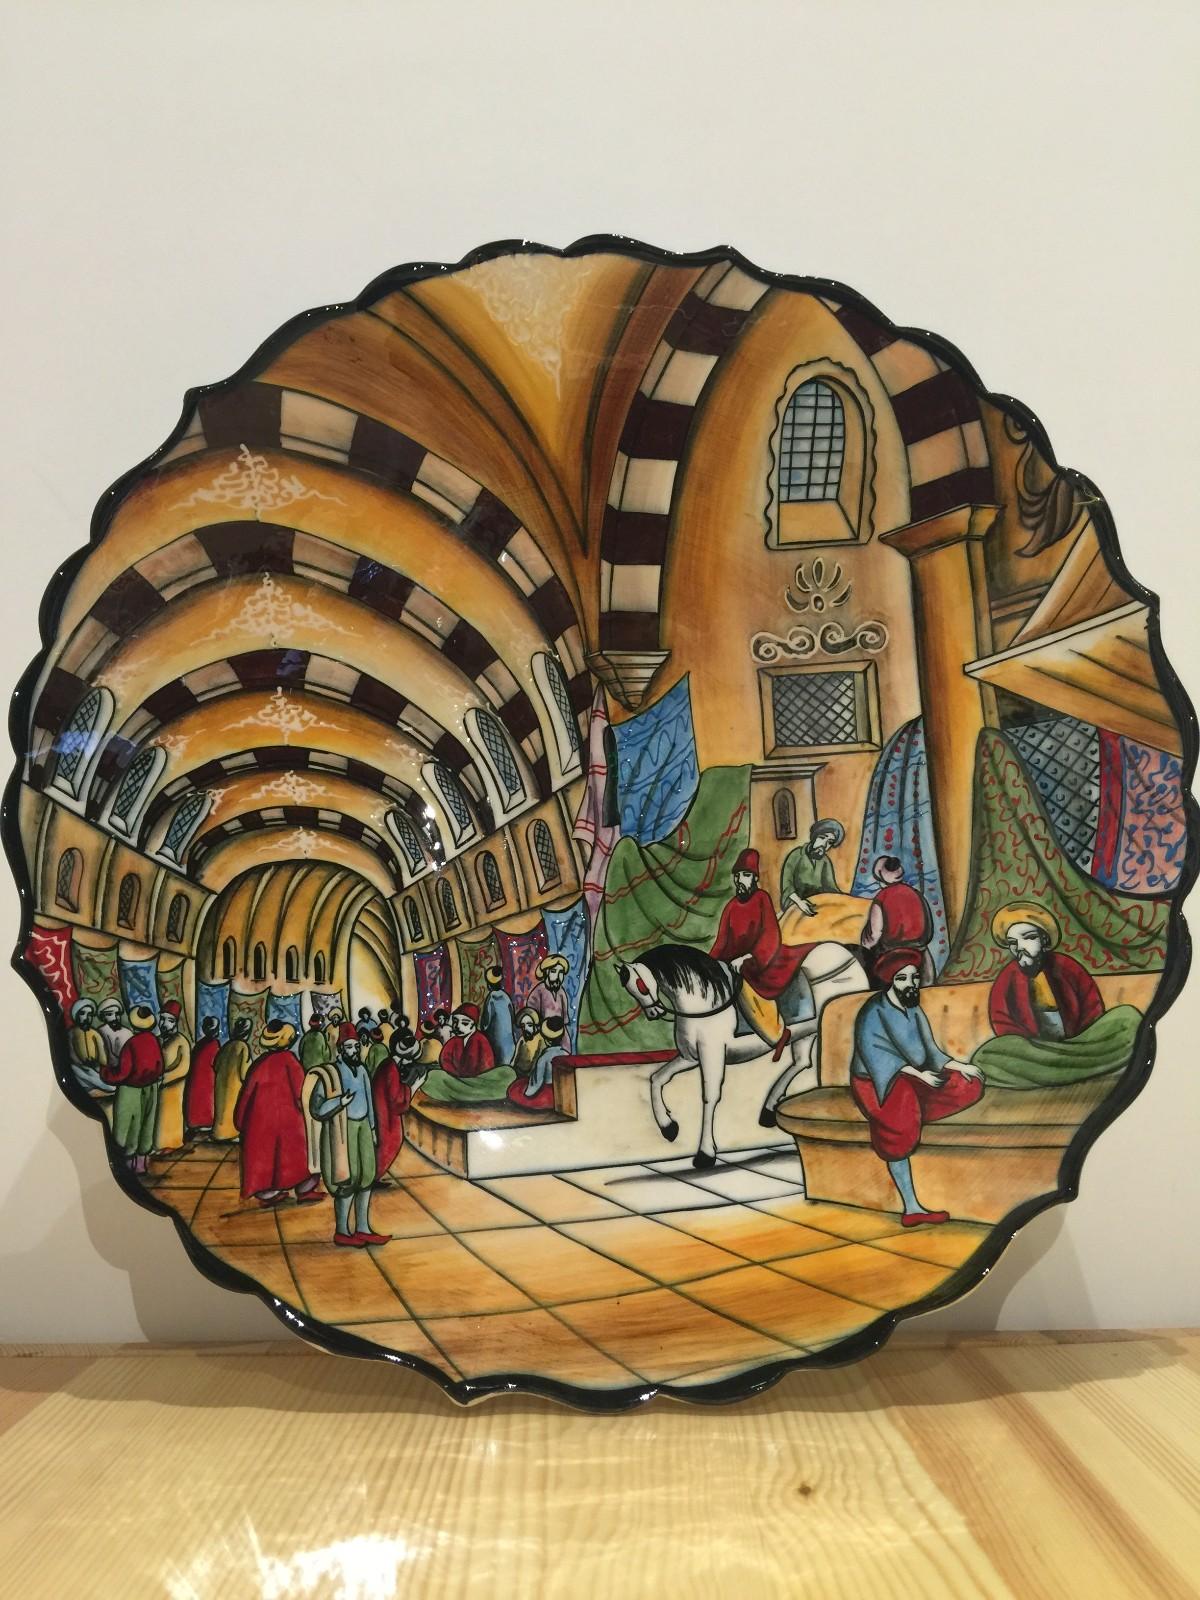 土耳其精品陶艺工艺品 家装摆件图片二